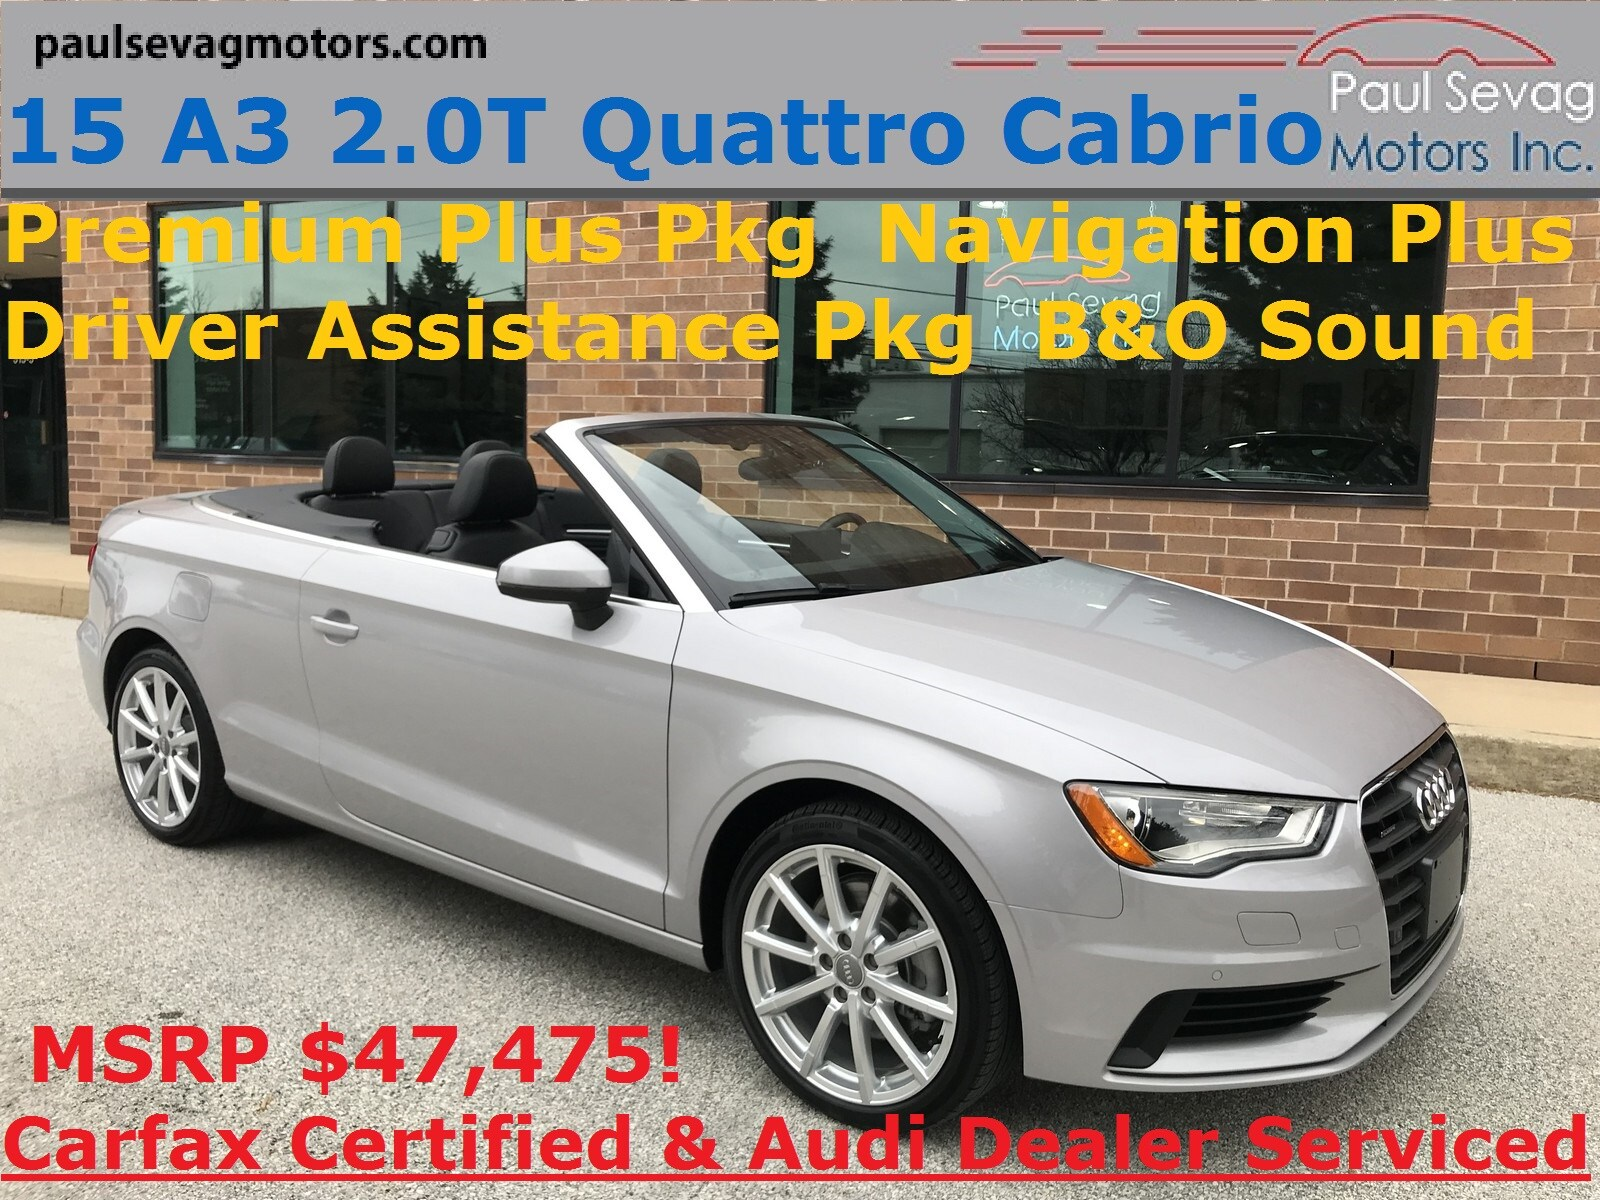 2015 Audi A3 2.0T Premium Plus Quattro Driver Assistance/Navigation/B&O Audio Cabriolet